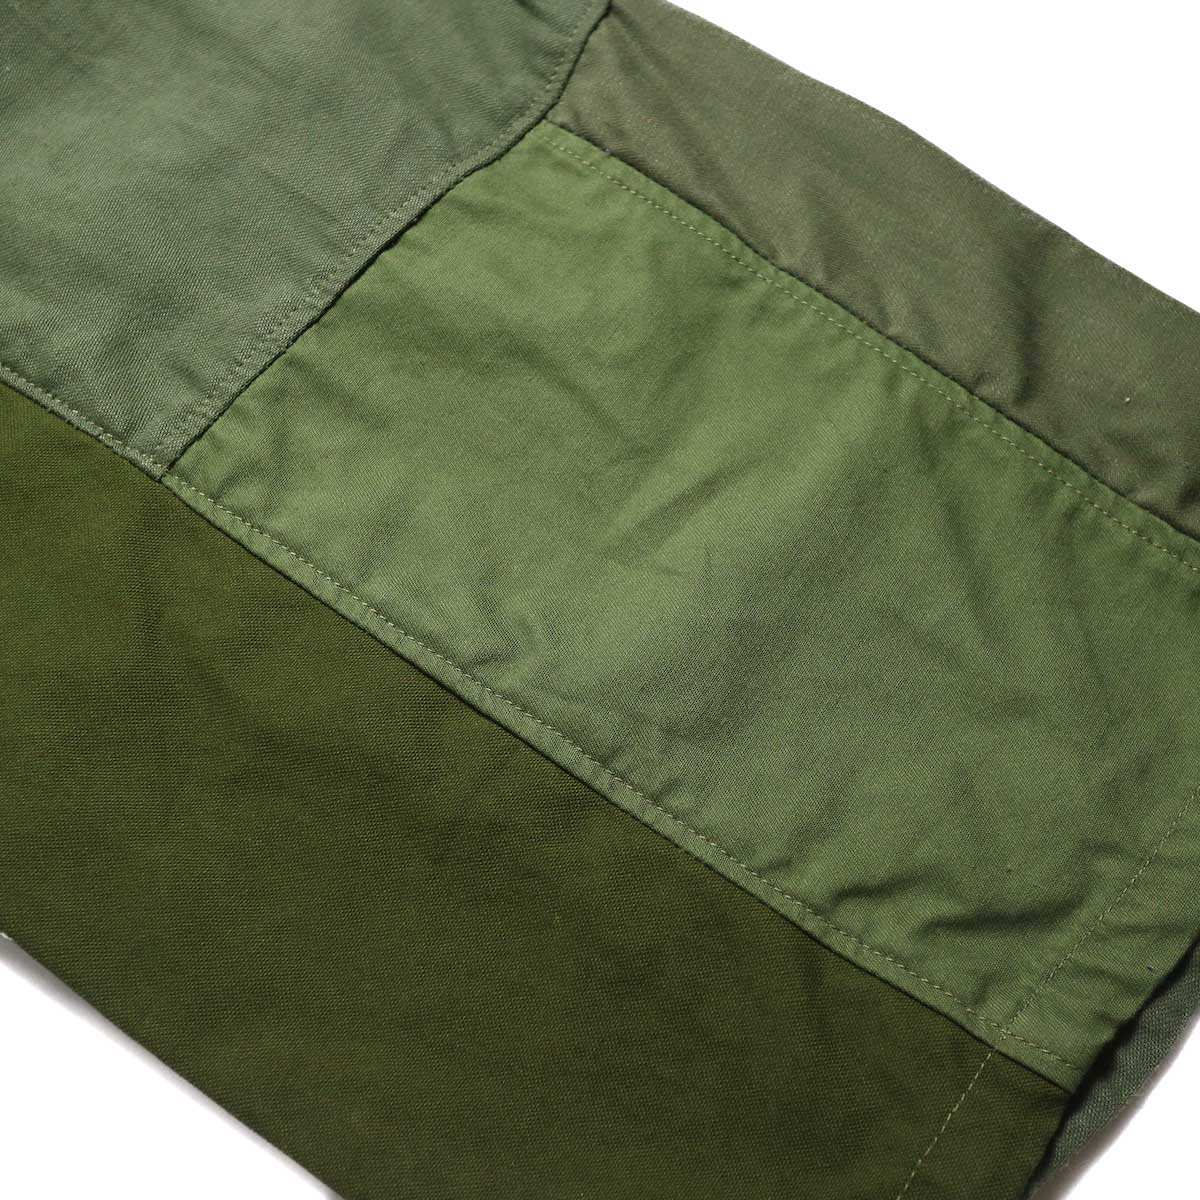 BONUM / Military FAT Pants (A) パッチワーク